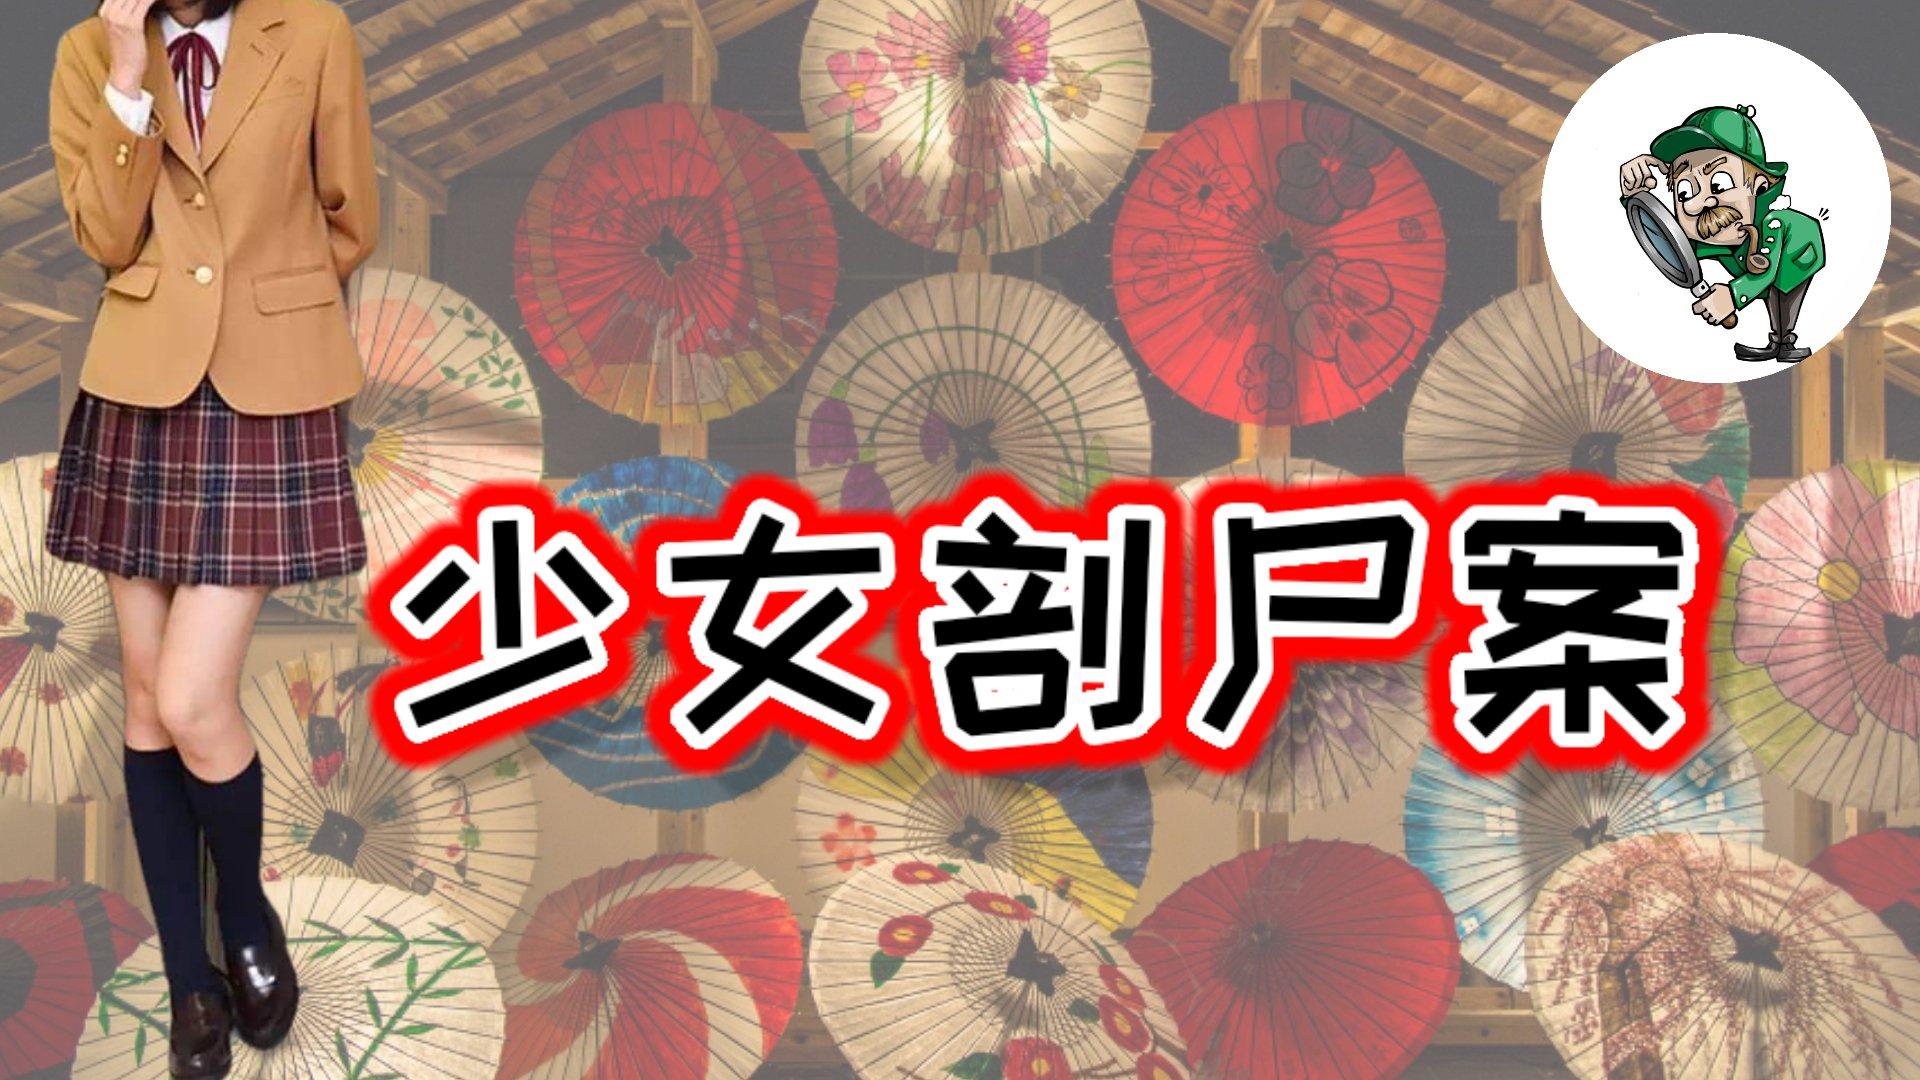 女孩疯狂起来有多恐怖?日本女高中生不满父亲再婚,竟将闺蜜分尸